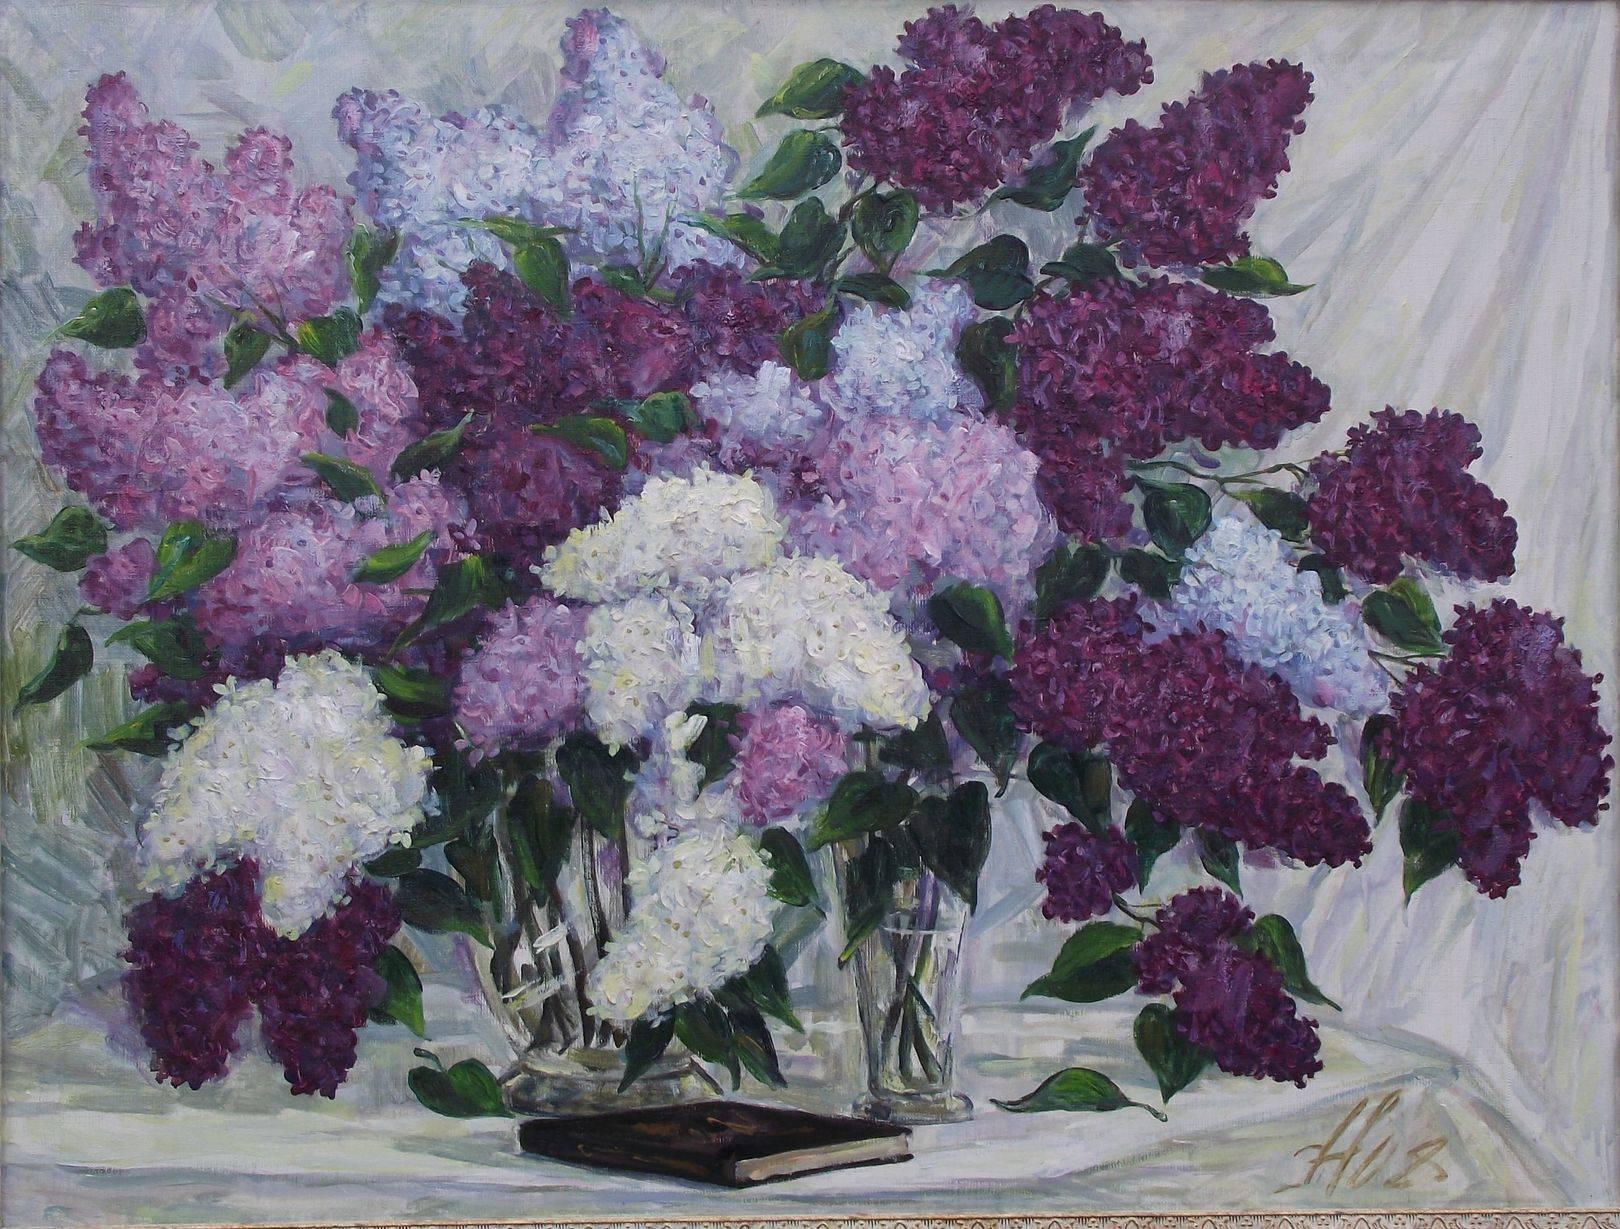 сирень х.м,2008г.70*90